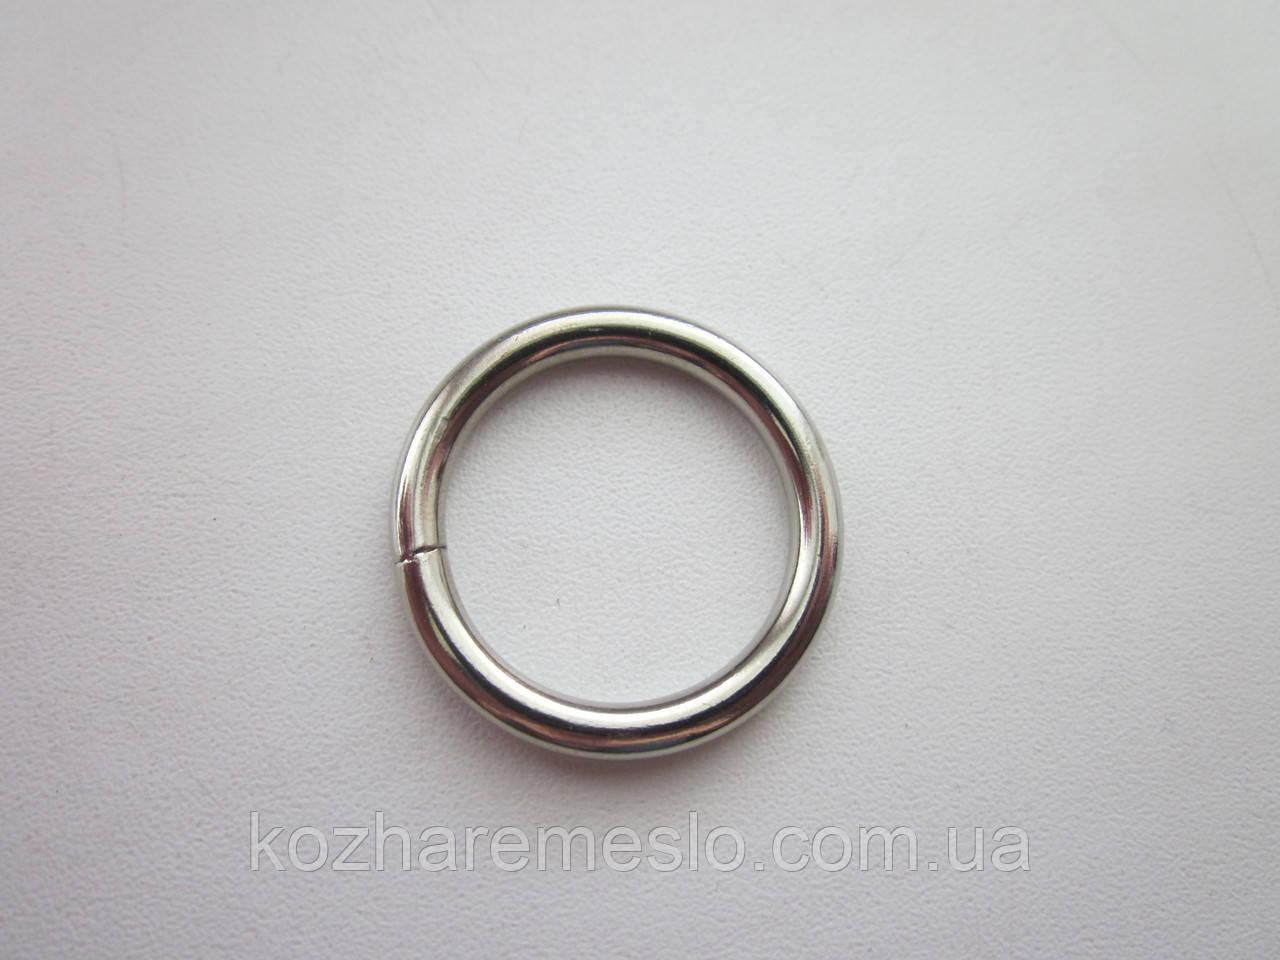 Кольцо проволочное 4  х 25 мм никель